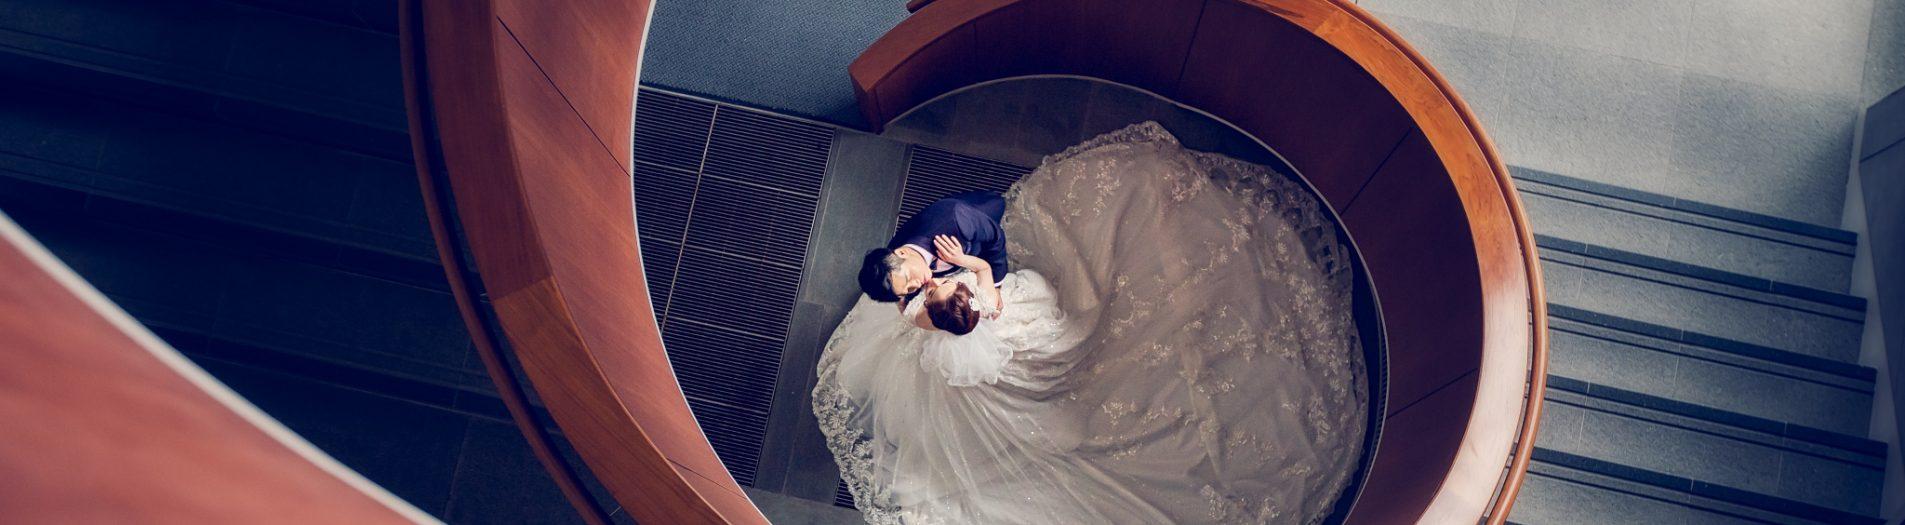 婚攝|法鼓山佛化婚禮  賢一+霈璇  蓮香齋